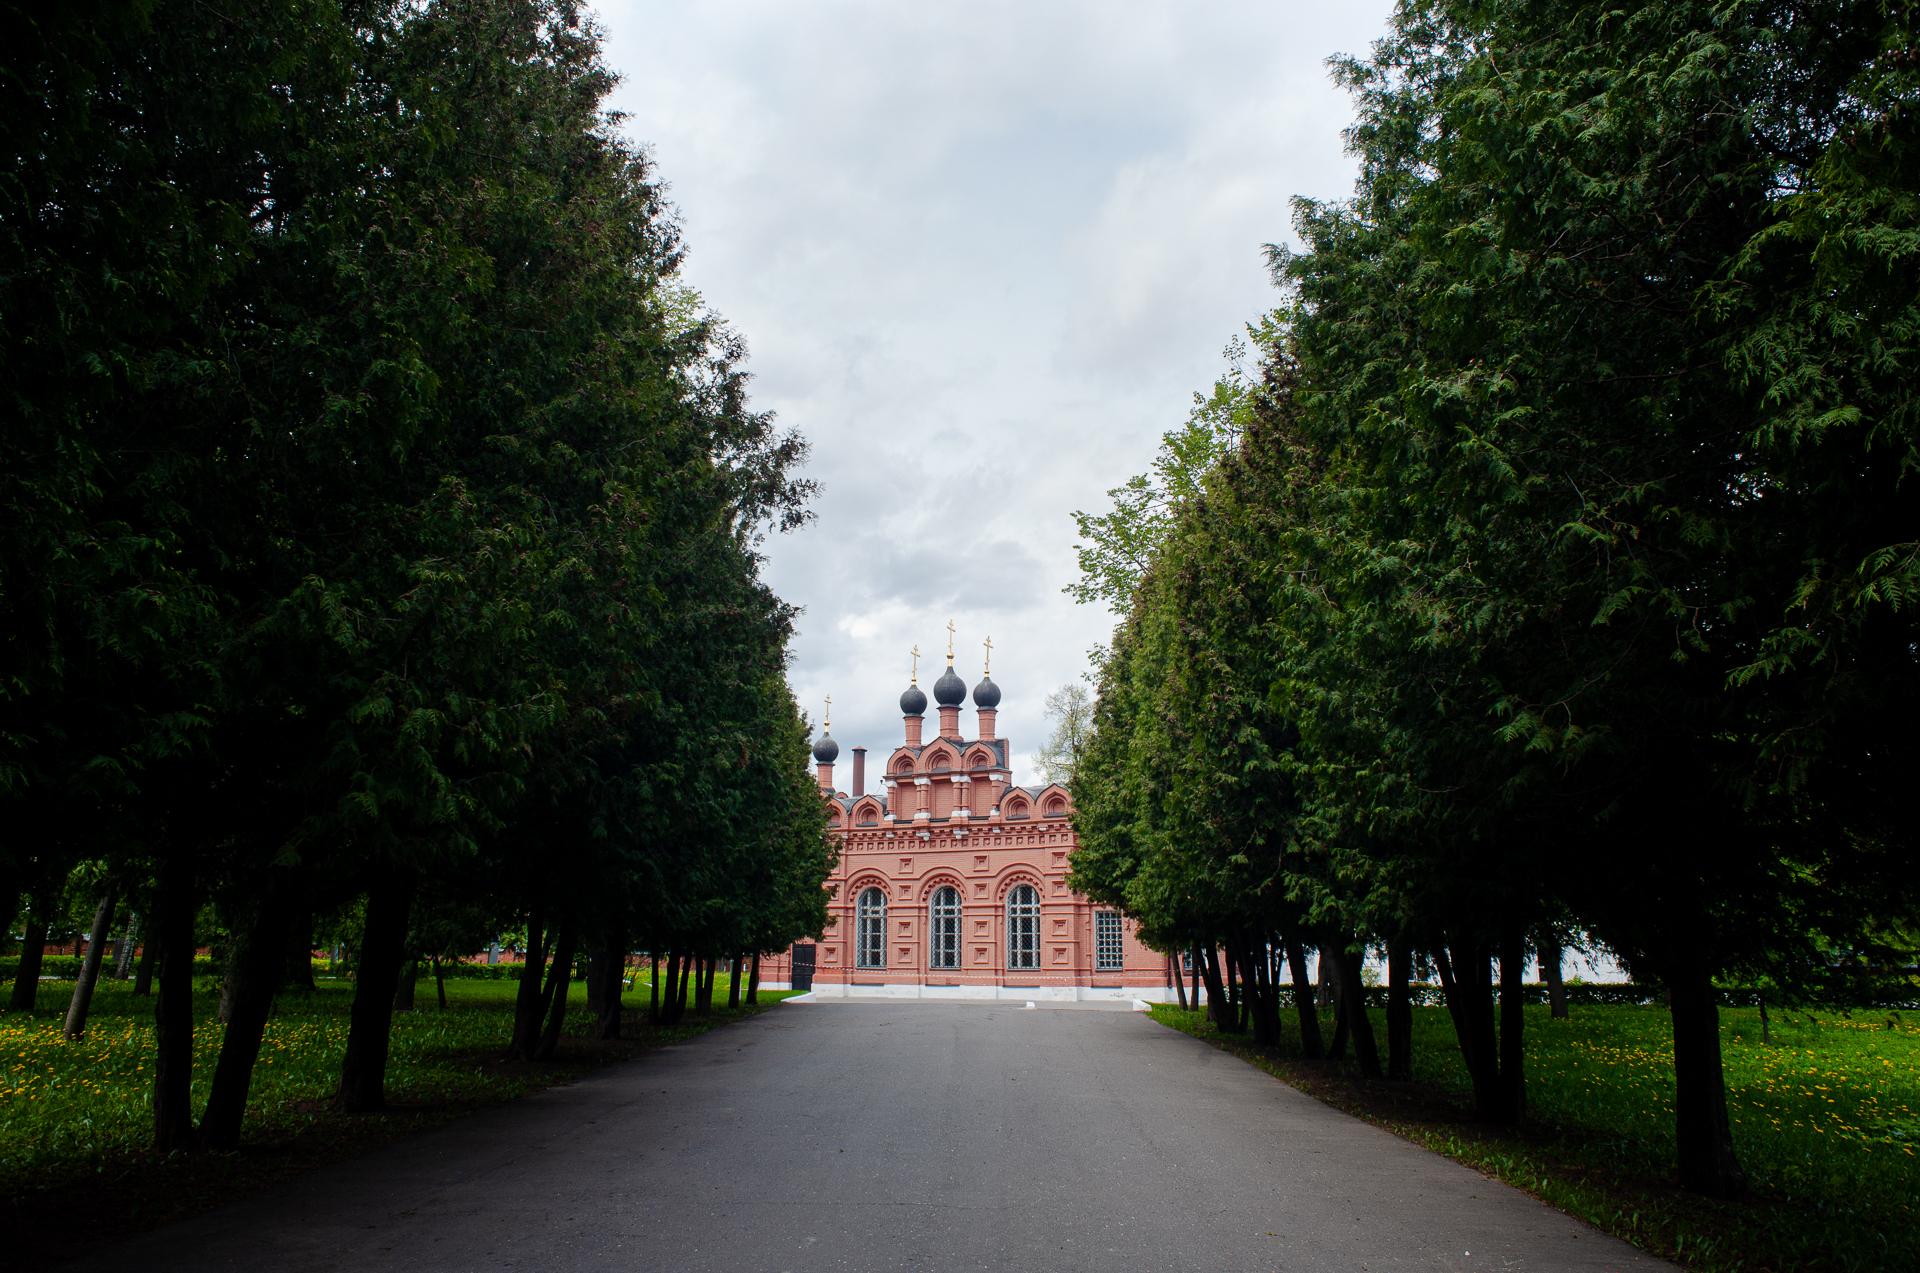 Коломна, Мемориальный парк, Церковь Первоверховных апостолов Петра и Павла